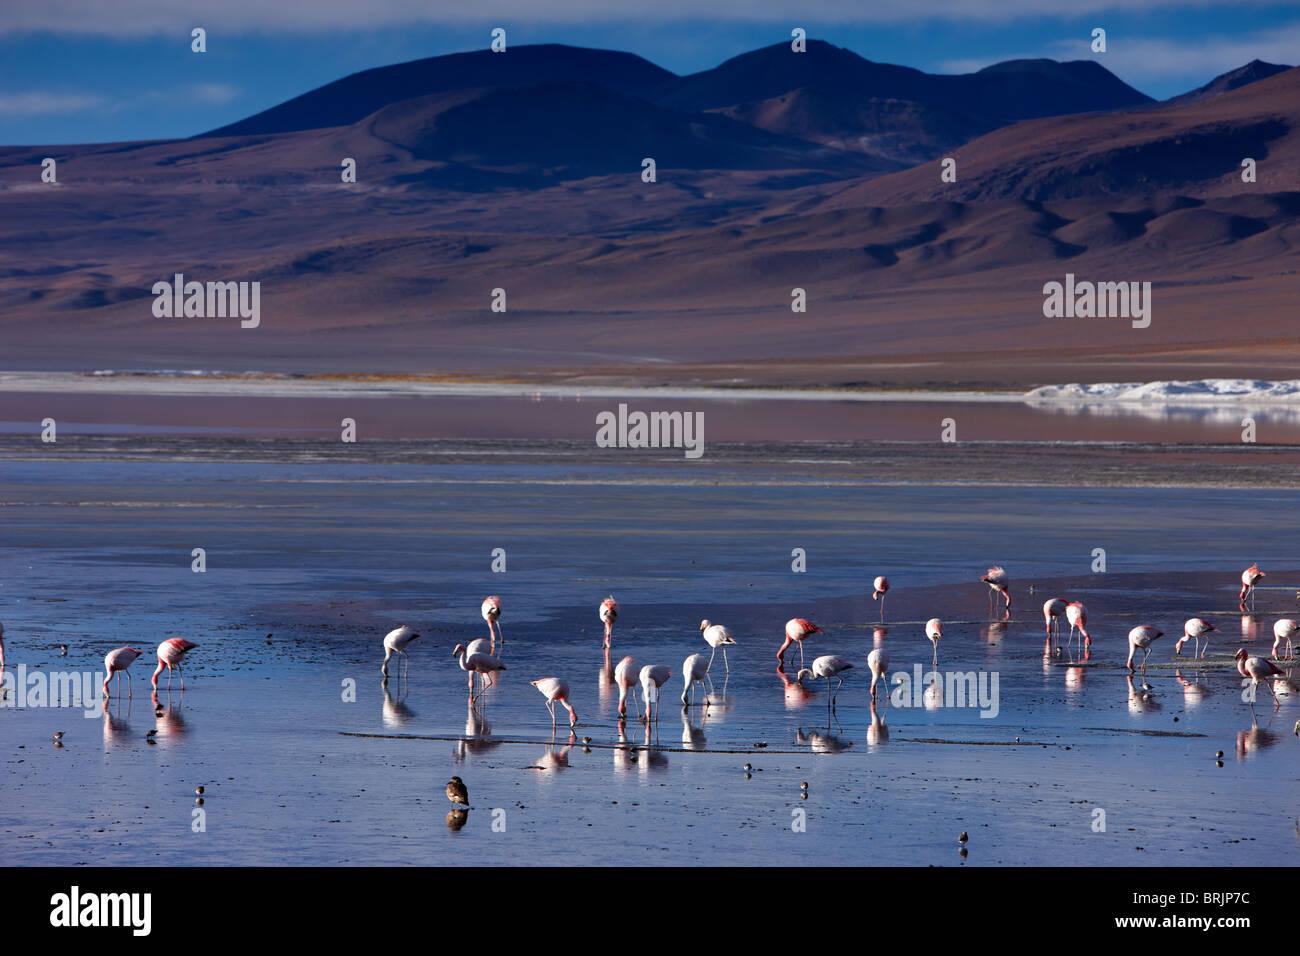 flamingos on Laguna Colorada, Eduardo Avaroa Andean Fauna National Reserve, Bolivia - Stock Image